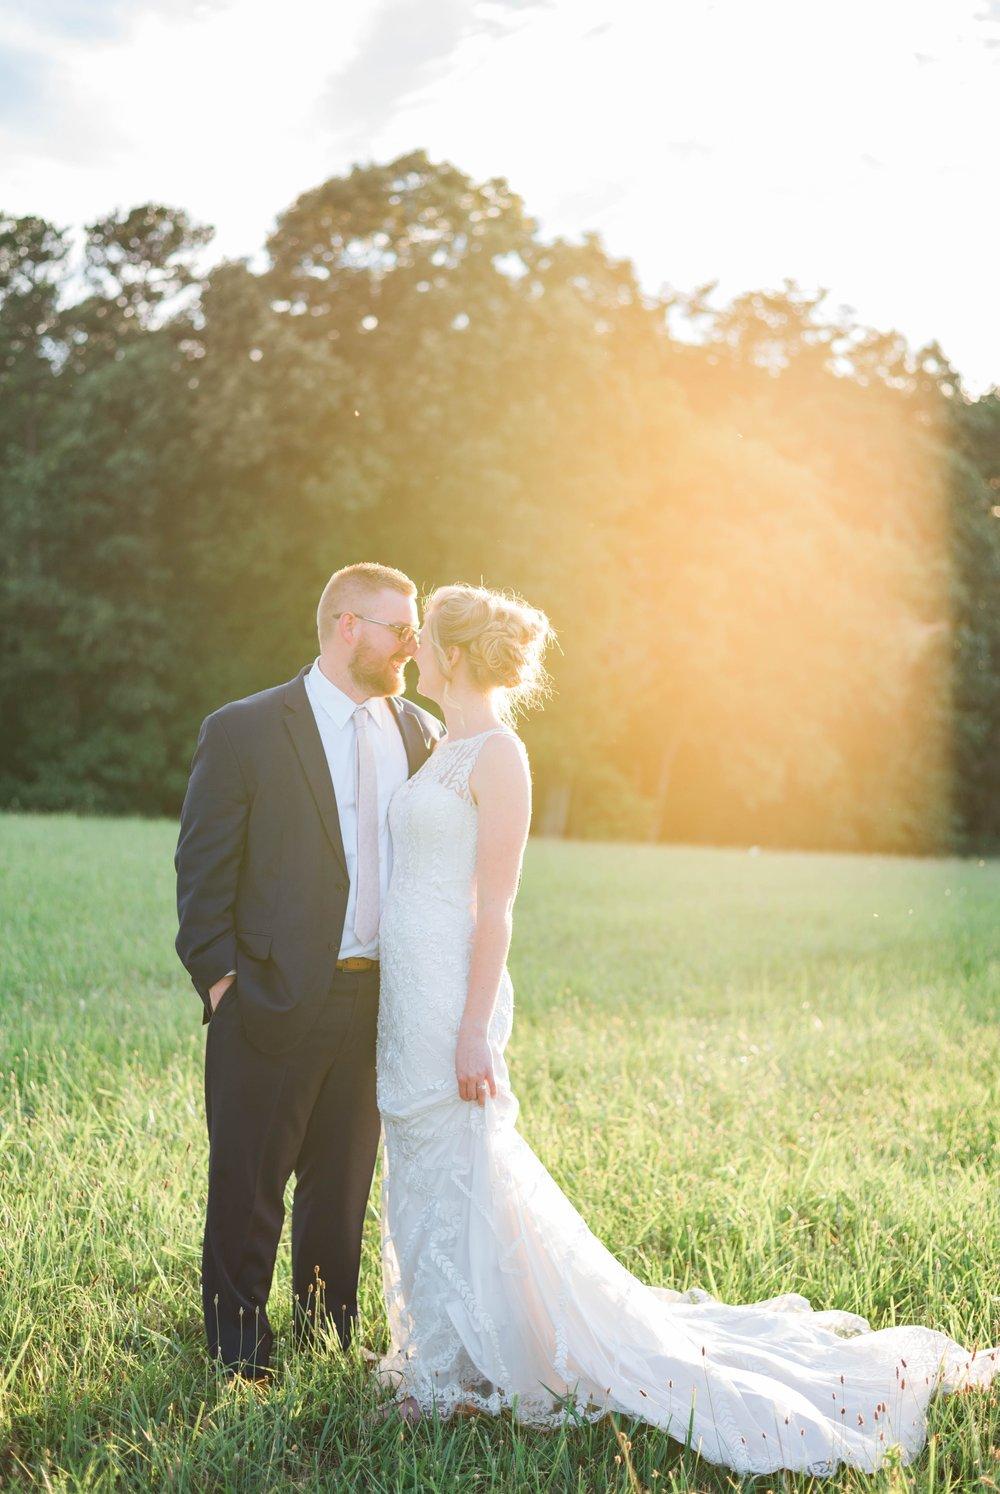 SorellaFarms_VirginiaWeddingPhotographer_BarnWedding_Lynchburgweddingphotographer_DanielleTyler 19.jpg